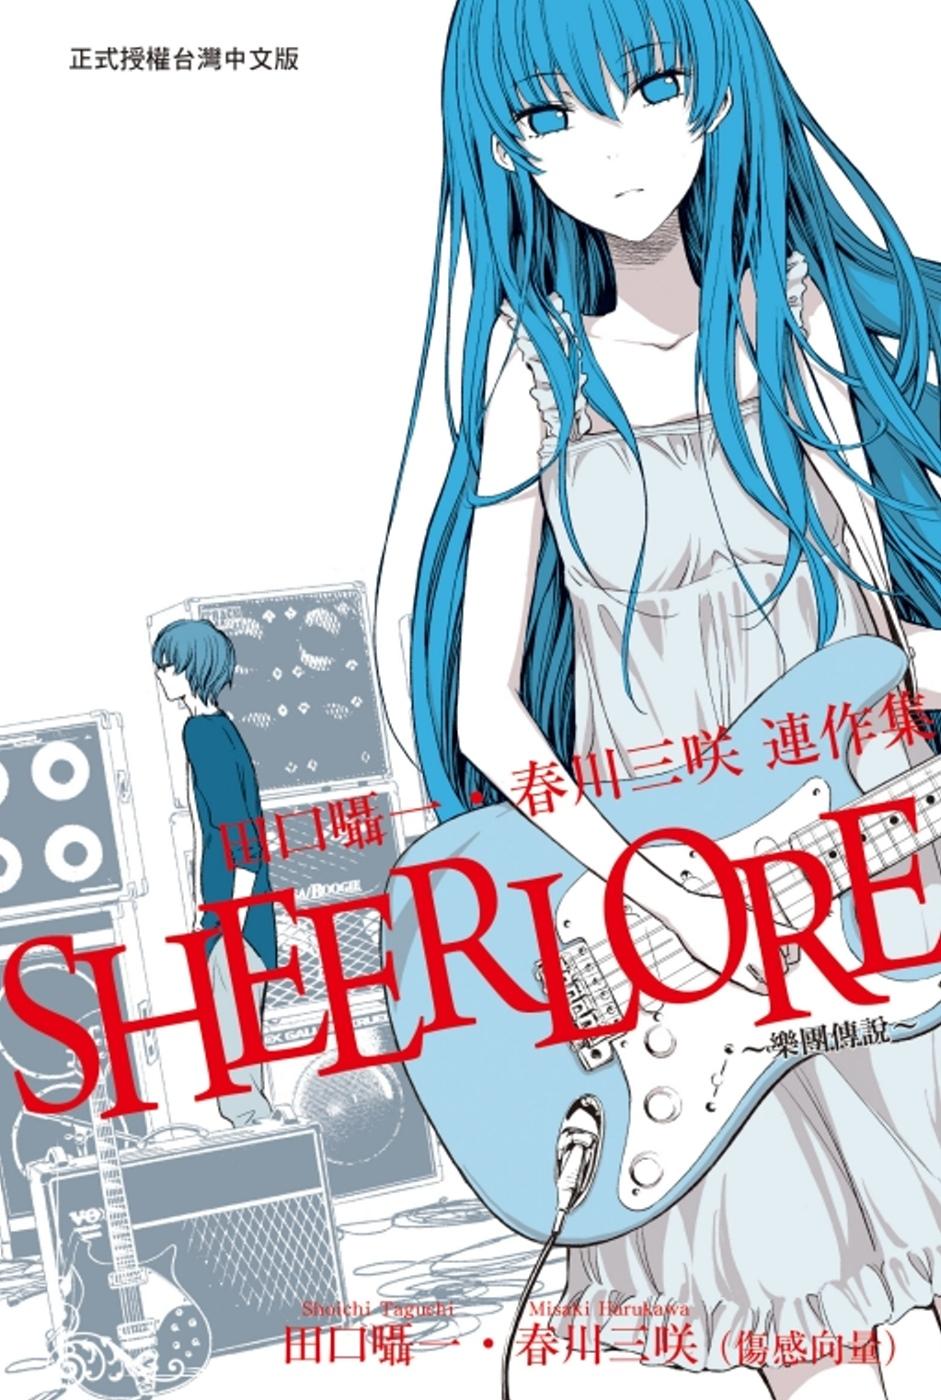 《SHEERLORE~樂團傳說~ 全》 商品條碼,ISBN:9789863656876